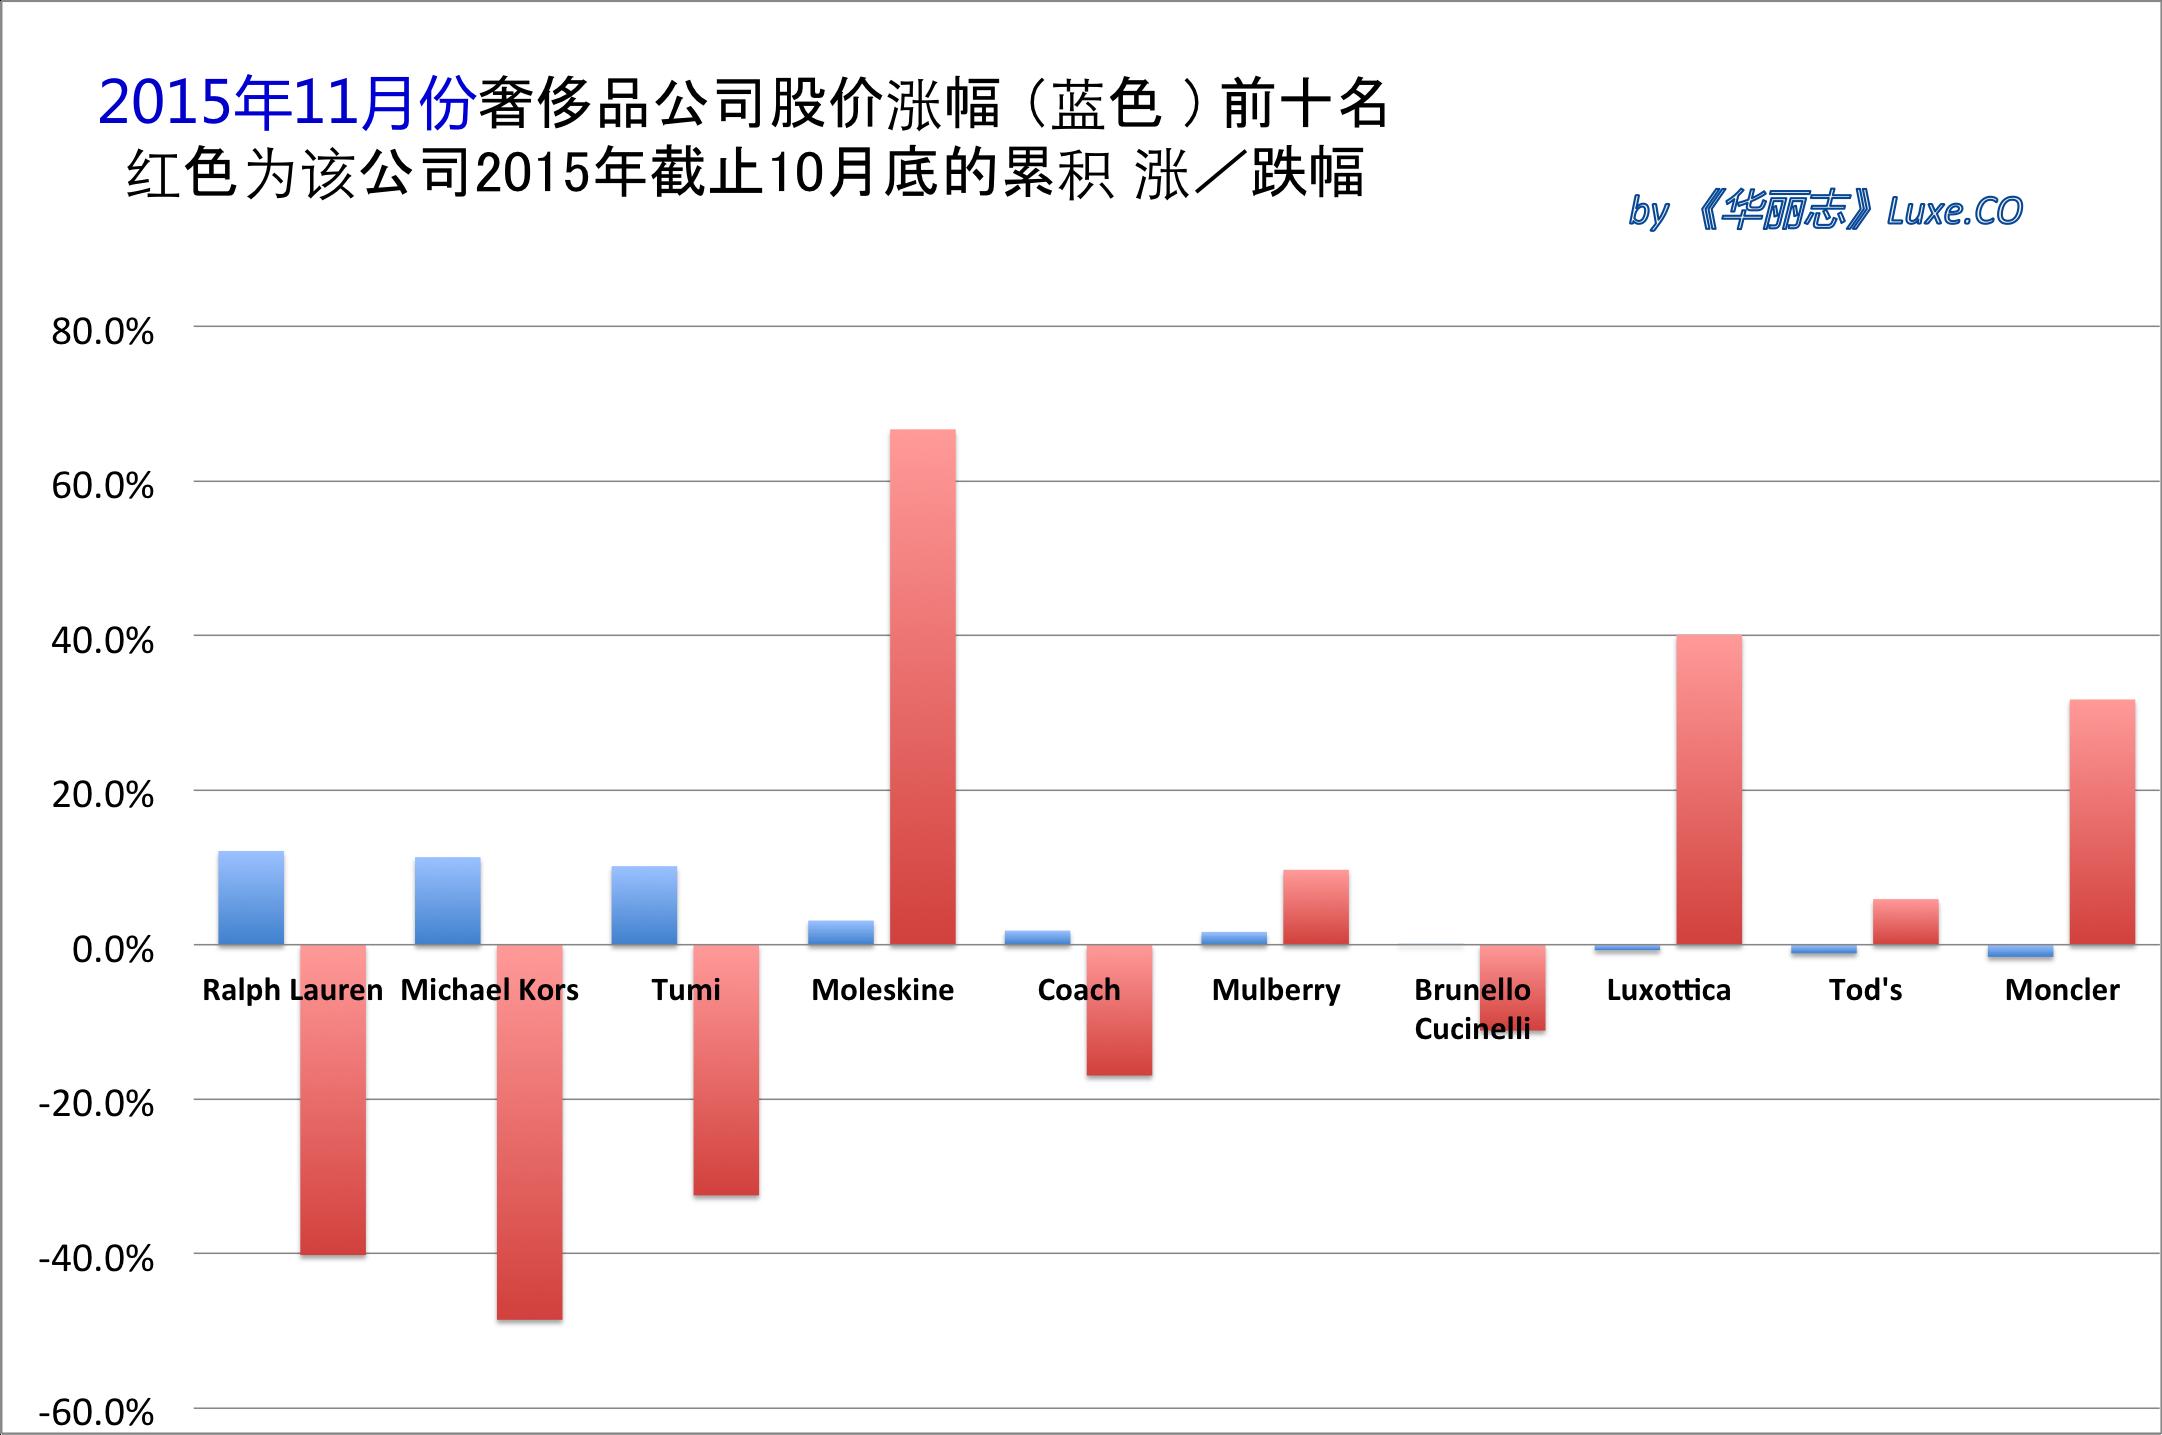 《华丽志》奢侈品股票月度排行榜 (2015年11月)